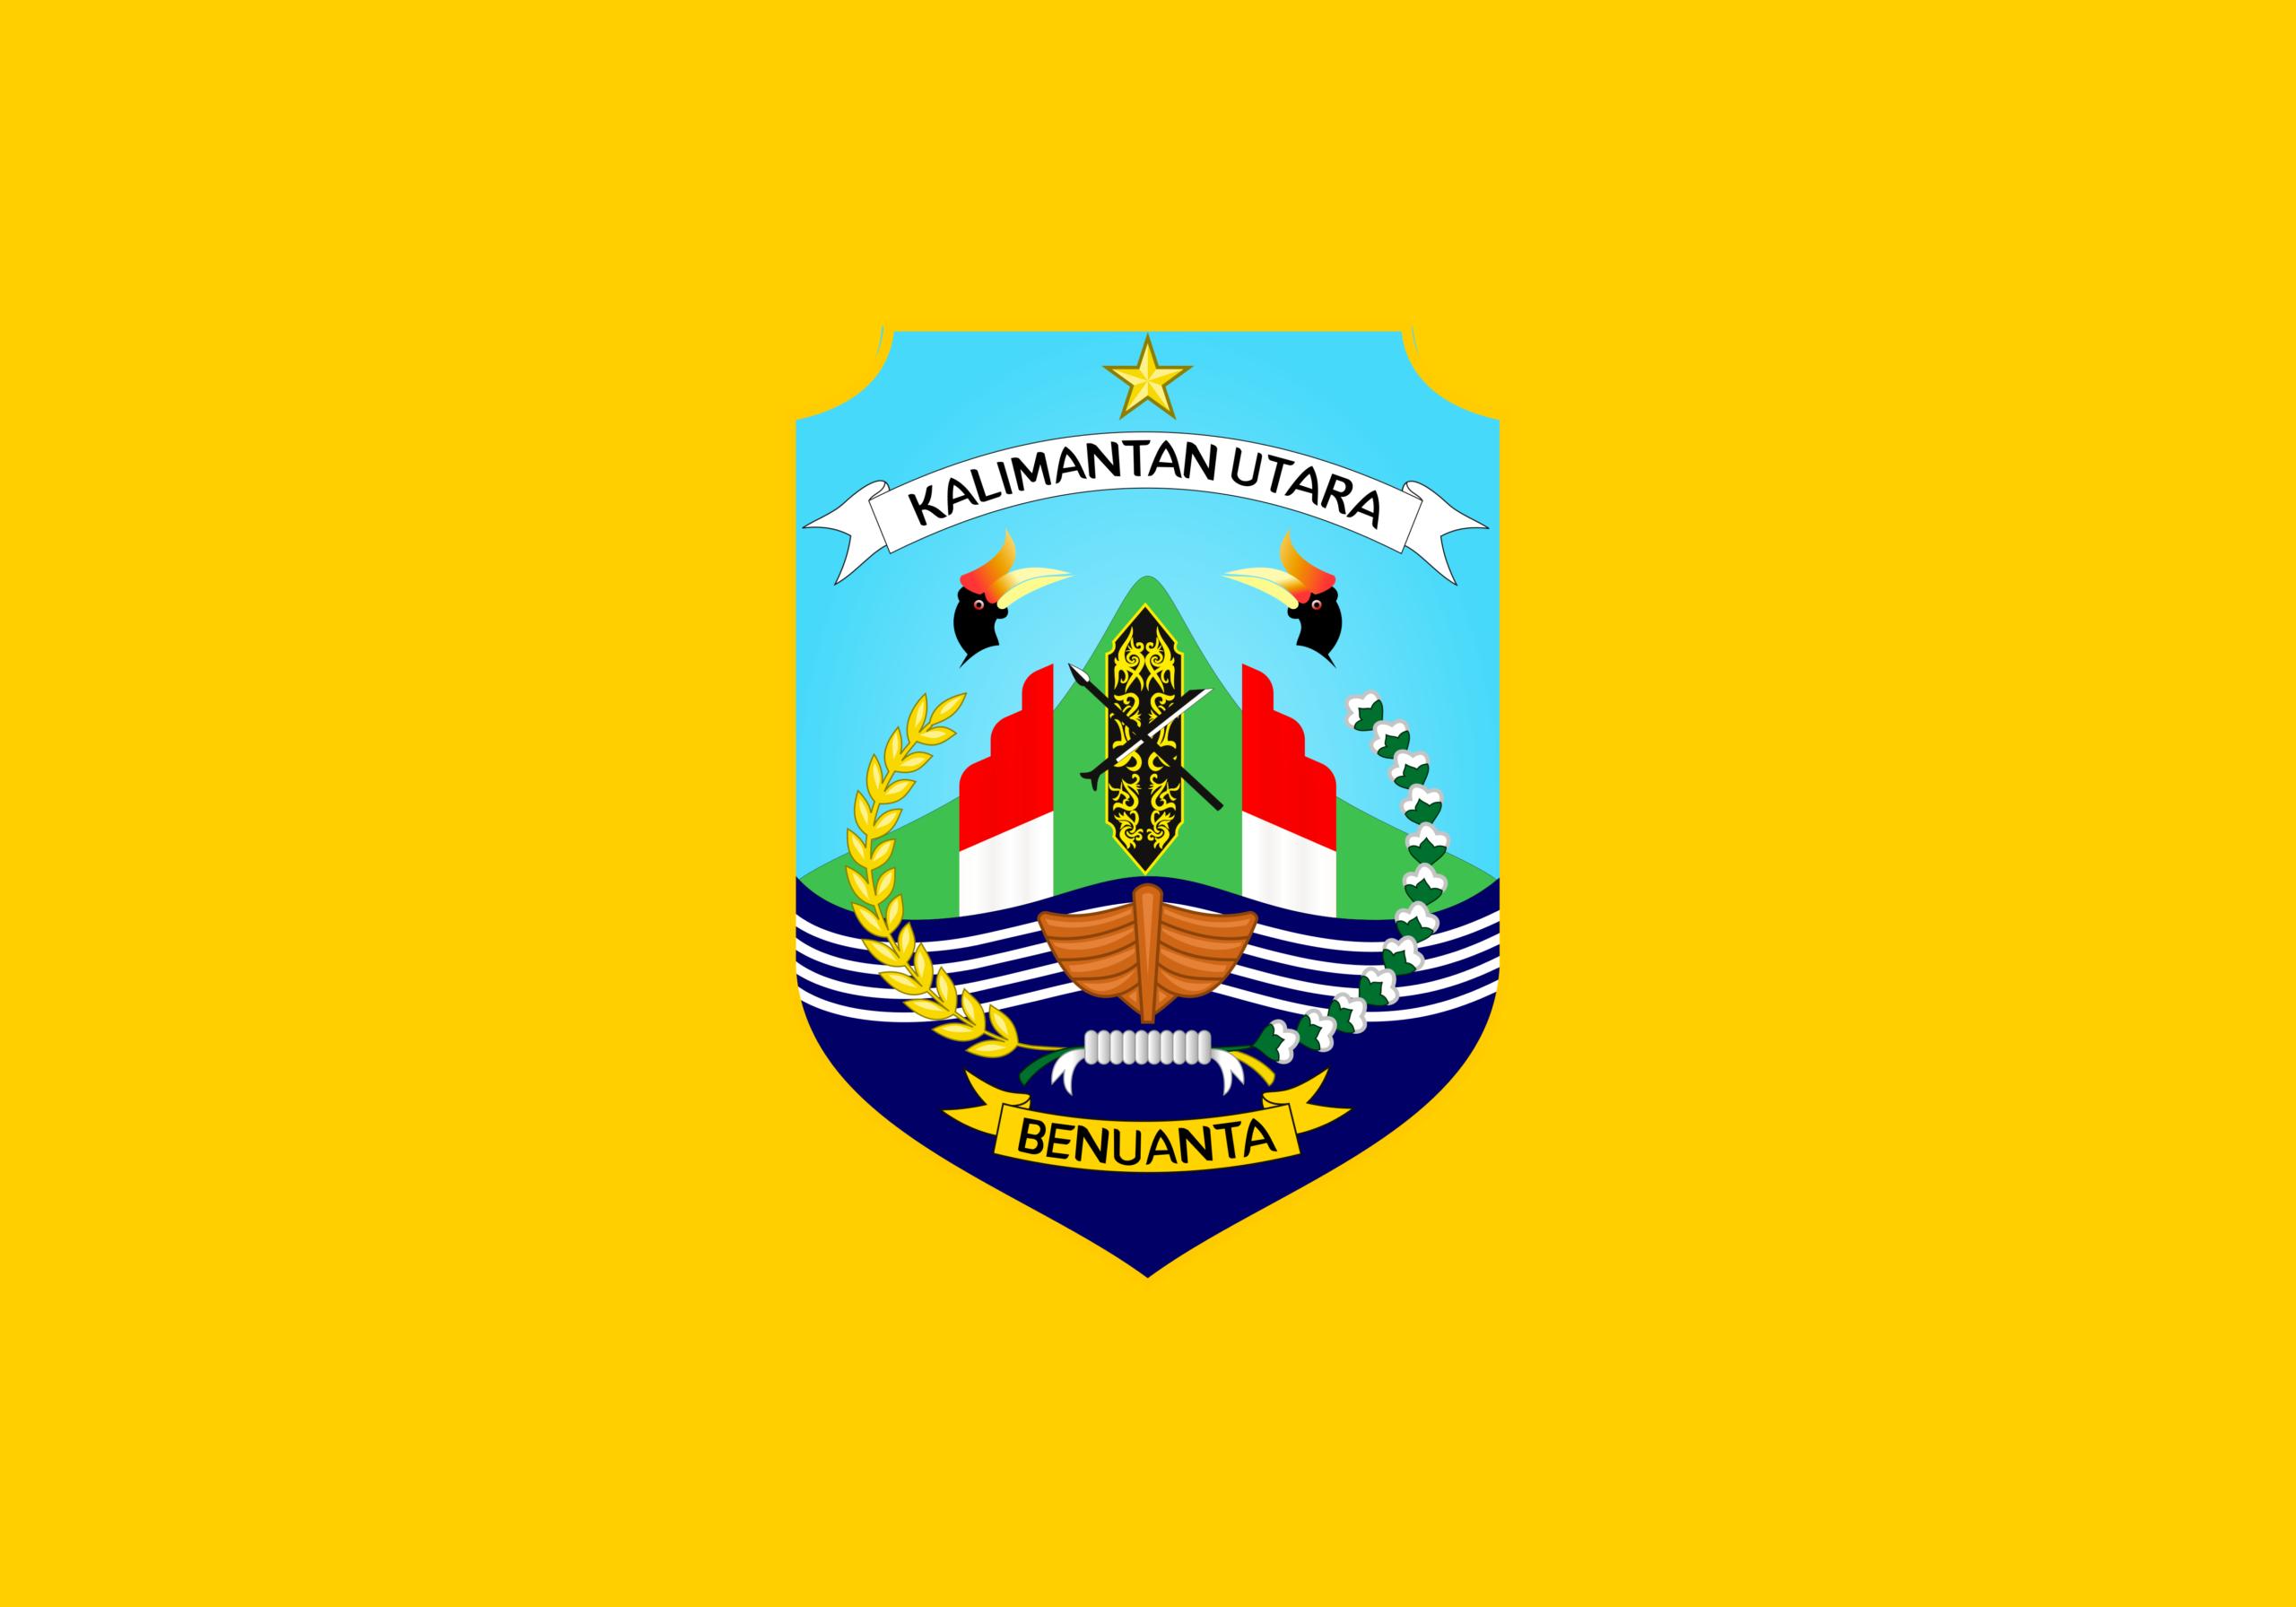 Kalimantan Utara Wikipedia Baso Minang